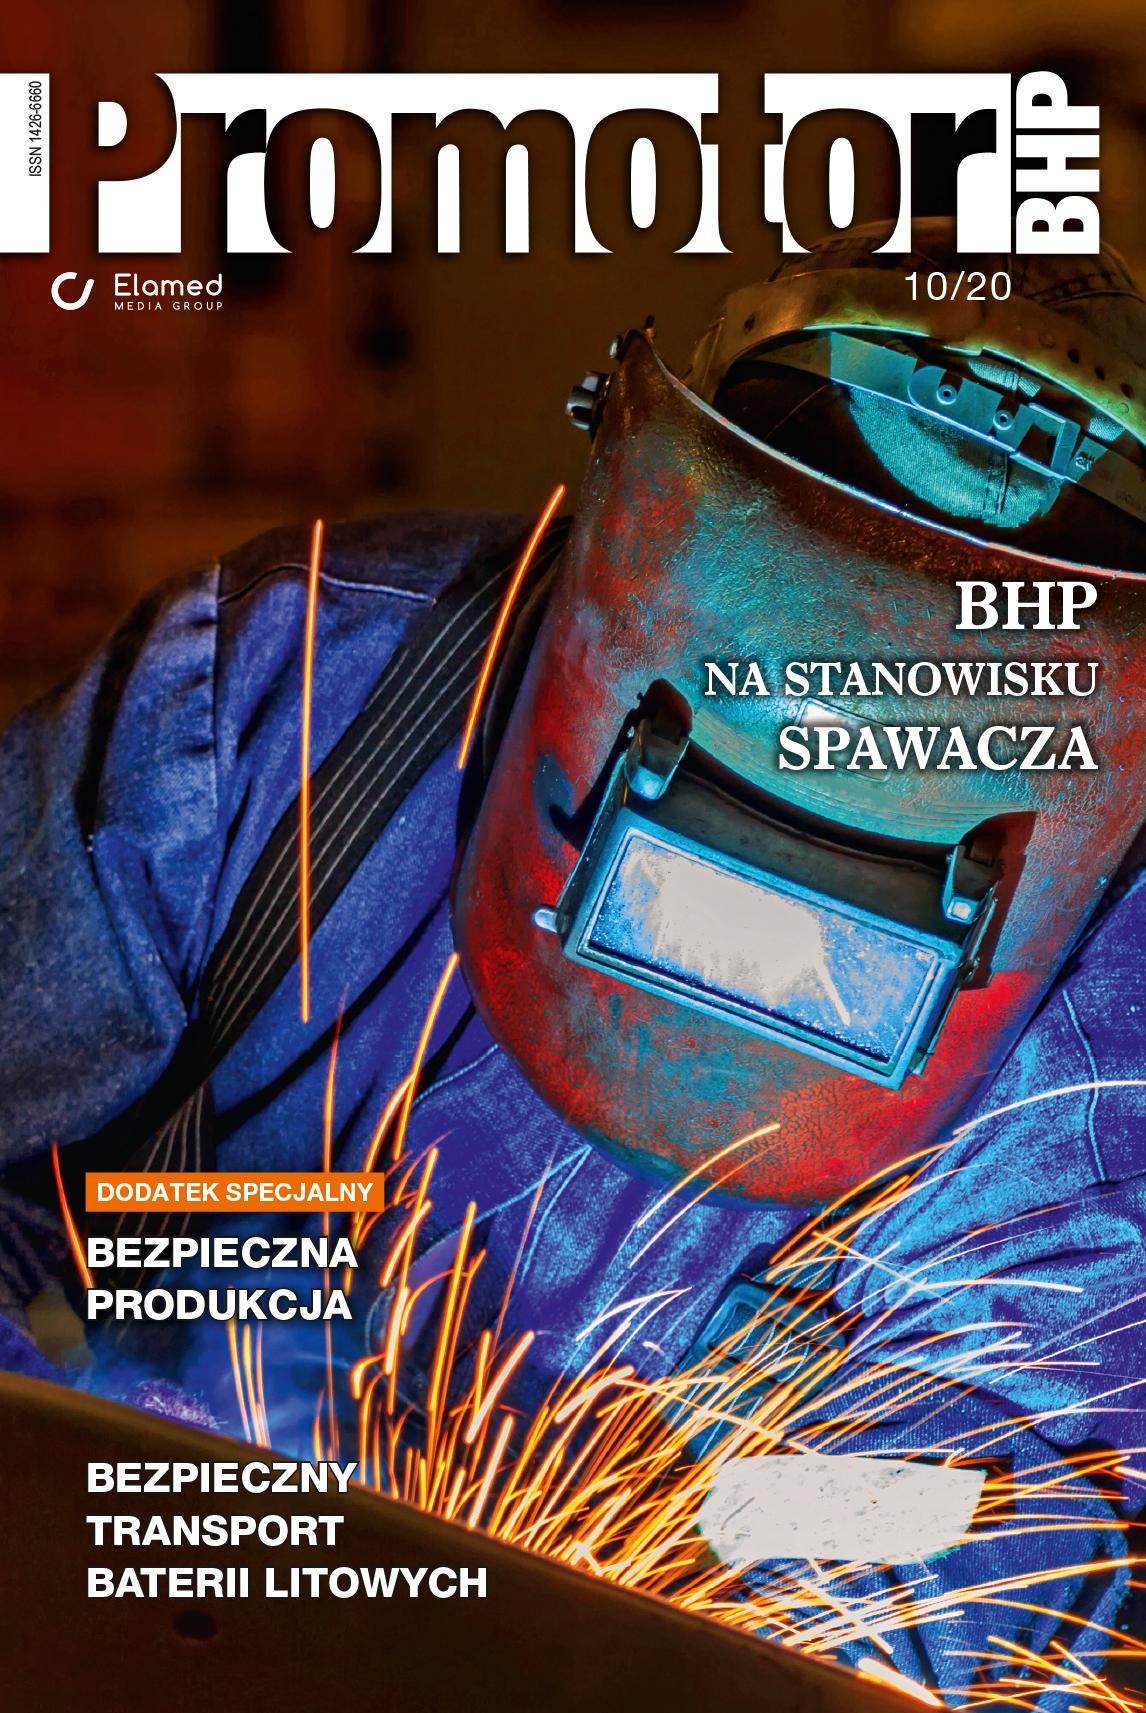 Promotor BHP (prenumerata)